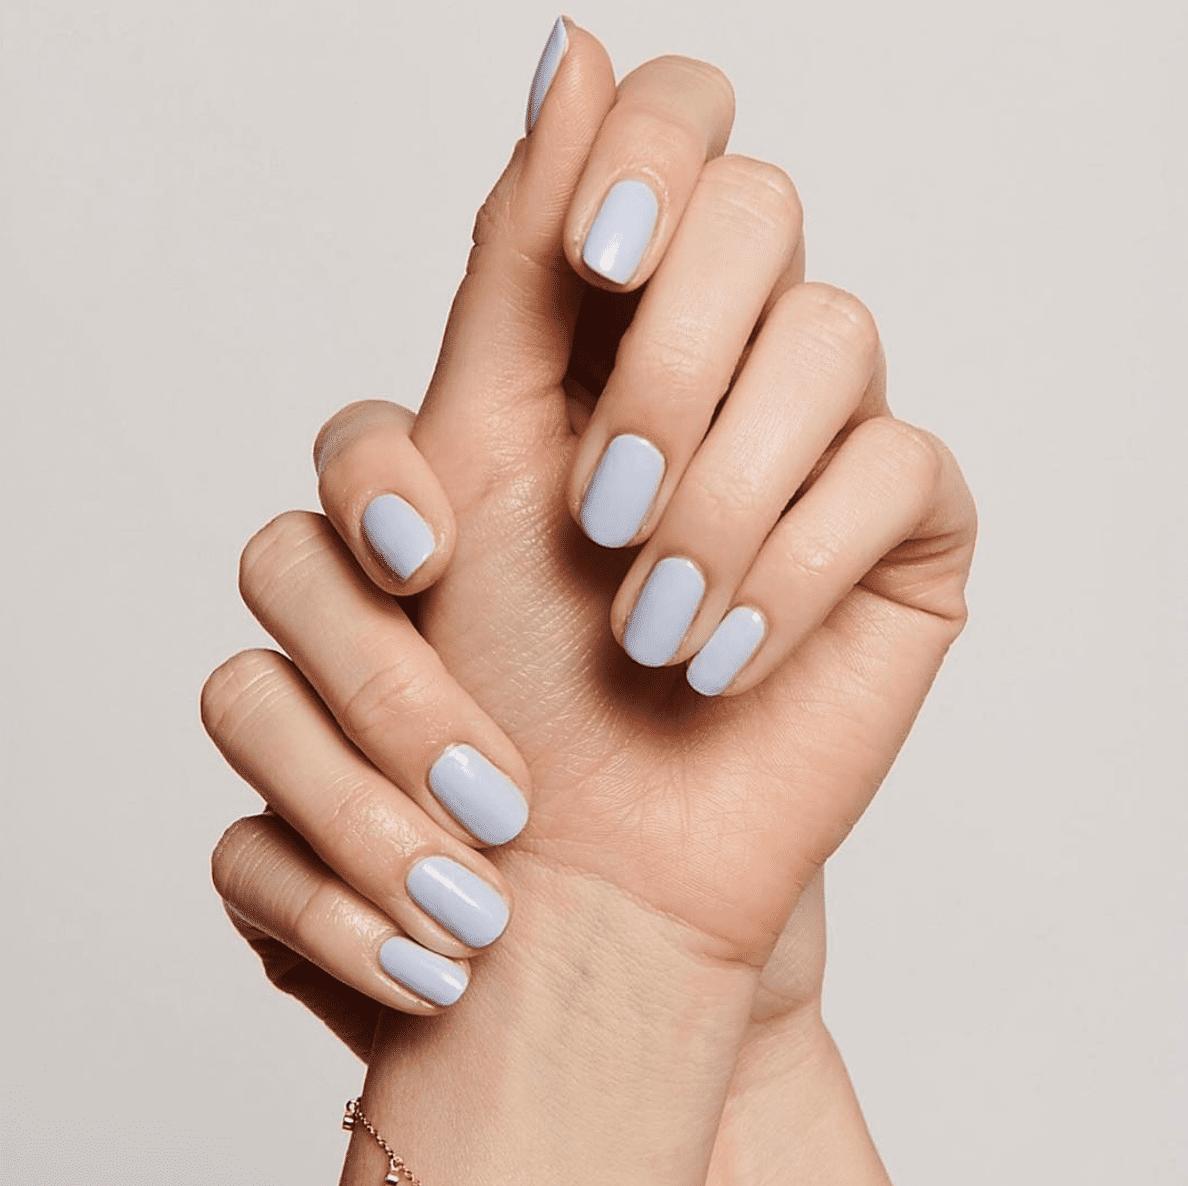 15 Perfect Shades Of Blue Nail Polish No Matter The Occasion